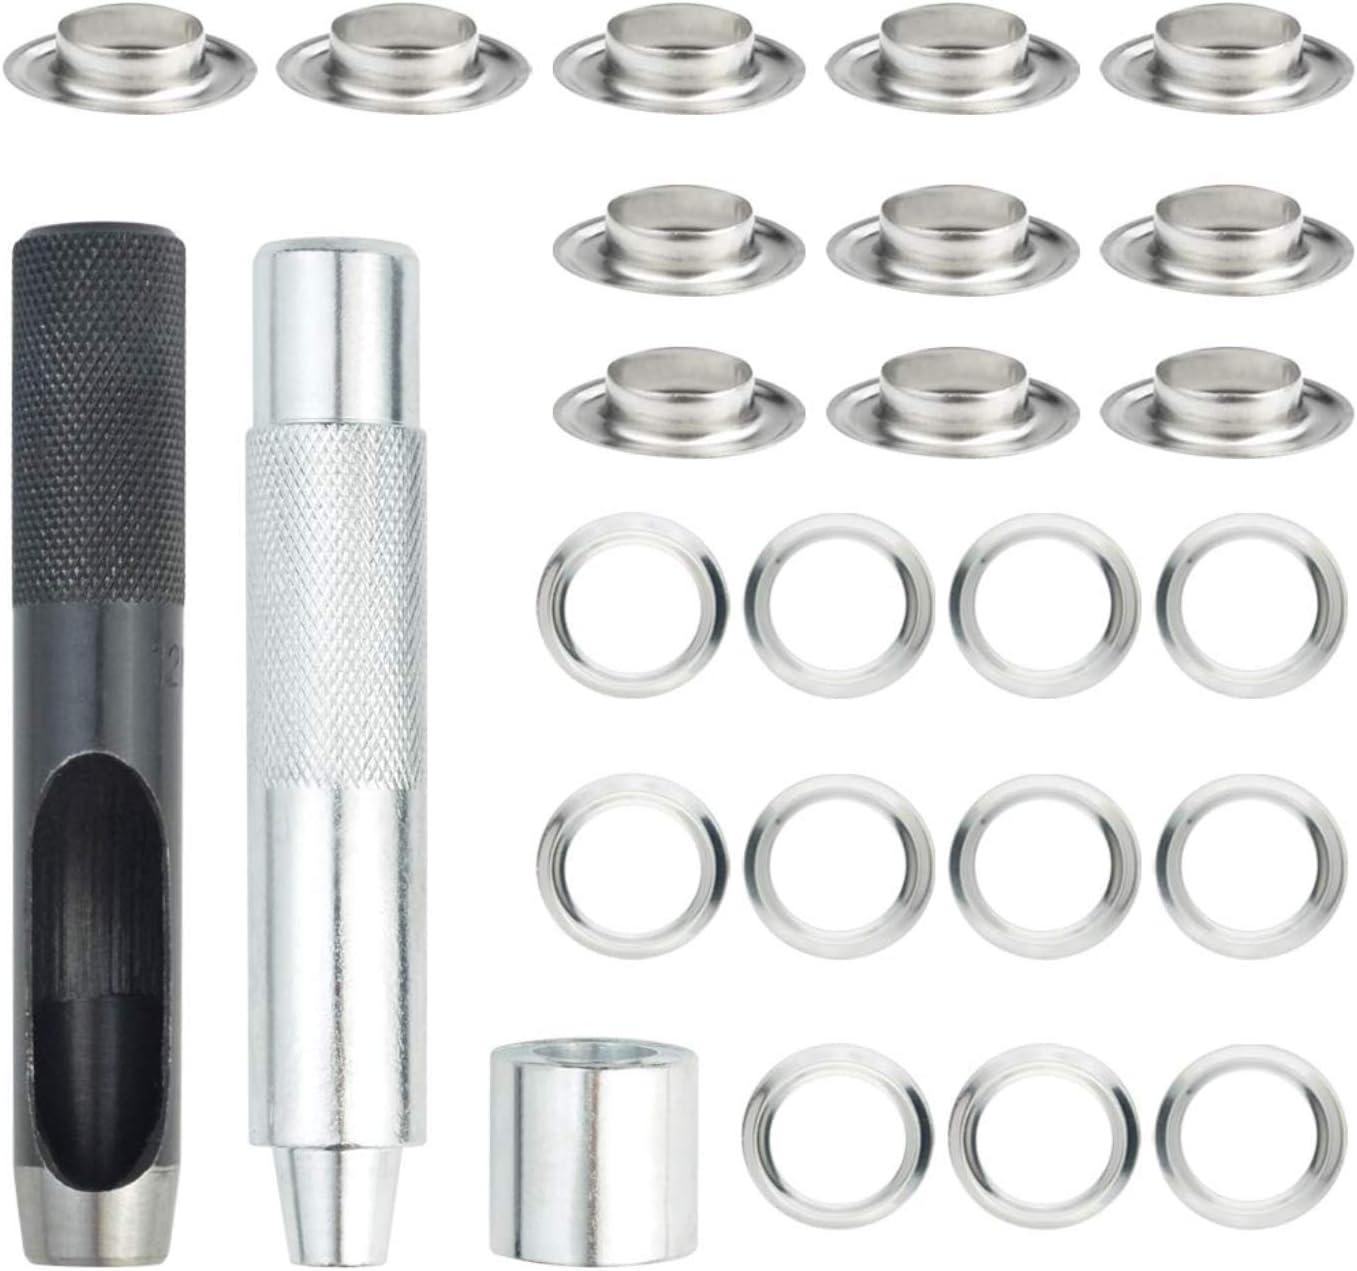 100 Sets Grommet Tool Kit (1/2 Inch Inside Diameter),Grommet Set